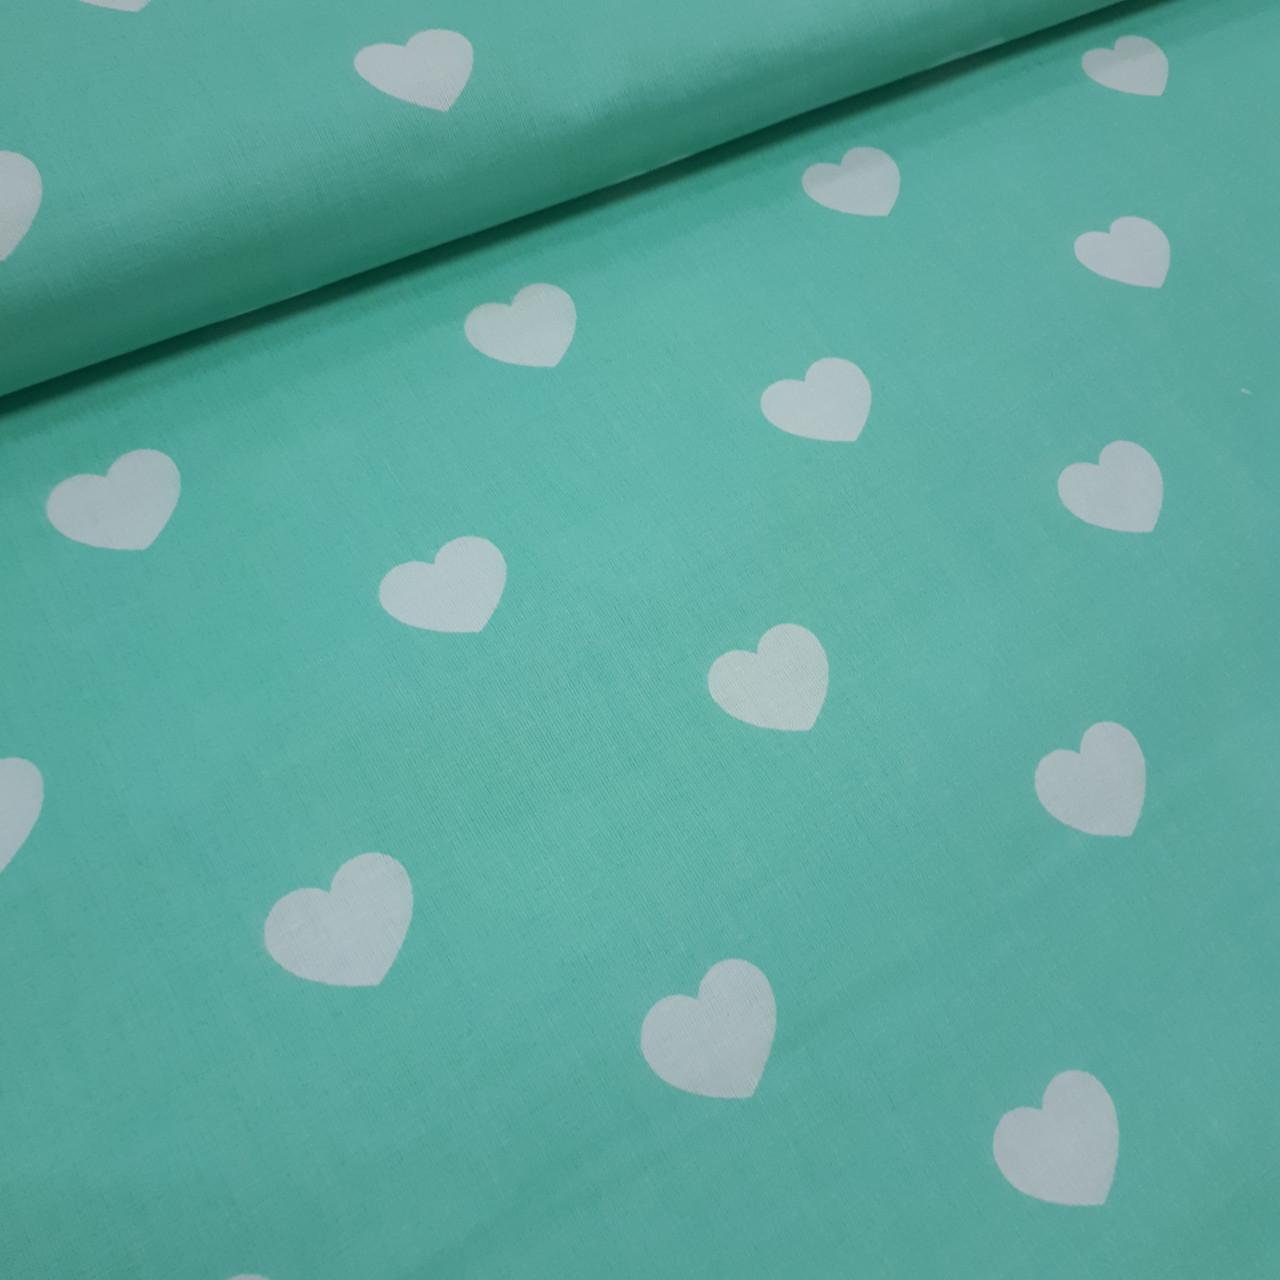 Ткань польская хлопковая, белые сердца на мятном